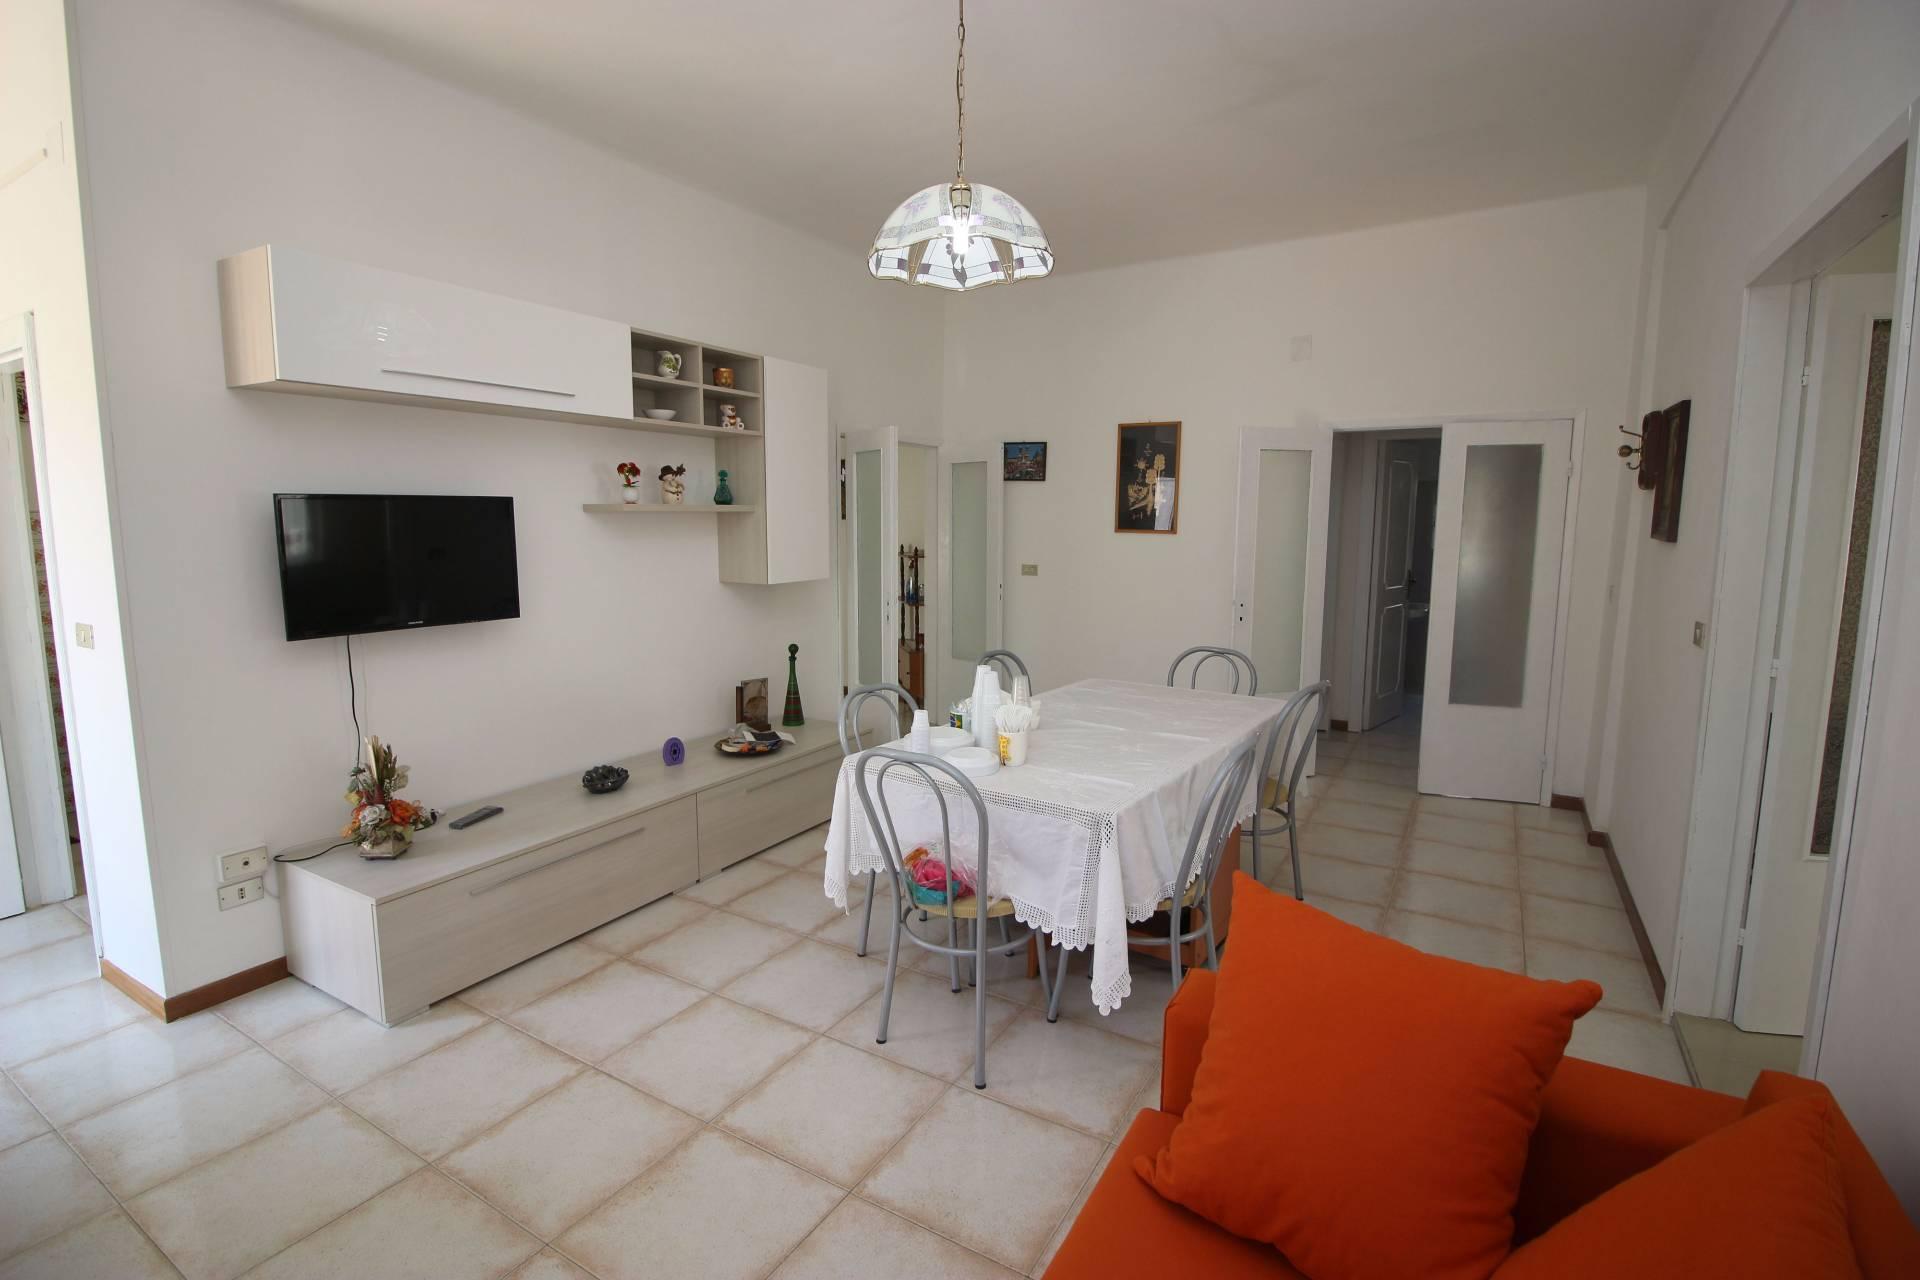 Appartamento in affitto a Alba Adriatica, 5 locali, zona Località: ZonaMare, prezzo € 350 | CambioCasa.it